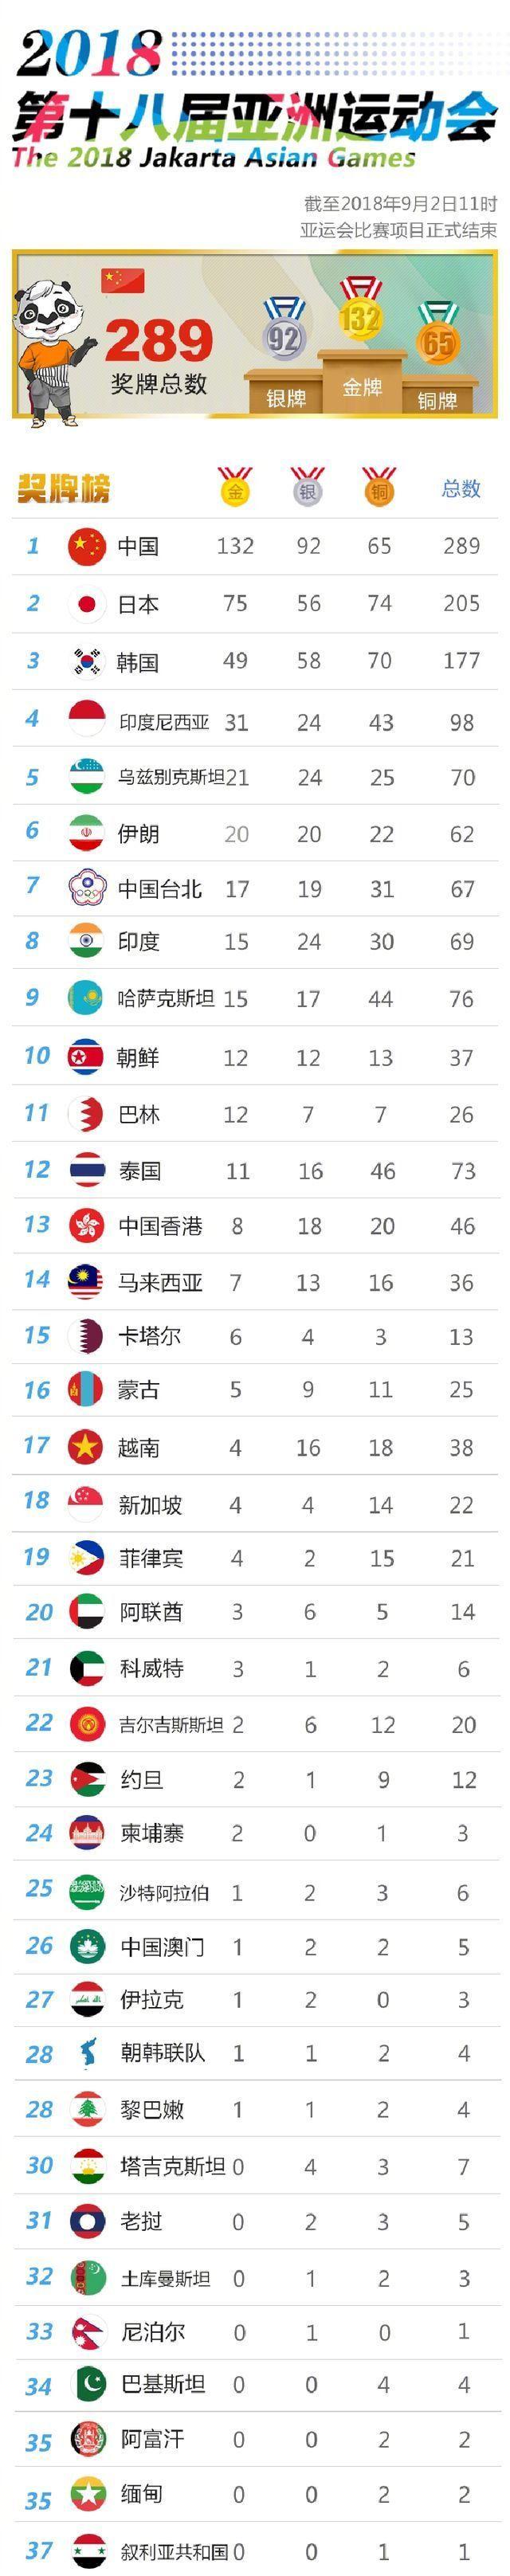 中国连续10届领跑奖牌榜却创新低 多支梦之队横扫